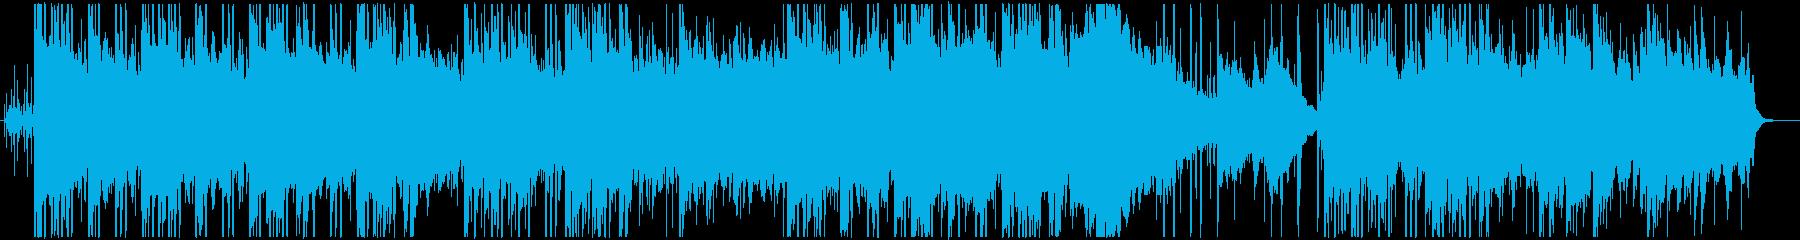 アコースティック、チル系ヒップホップの再生済みの波形